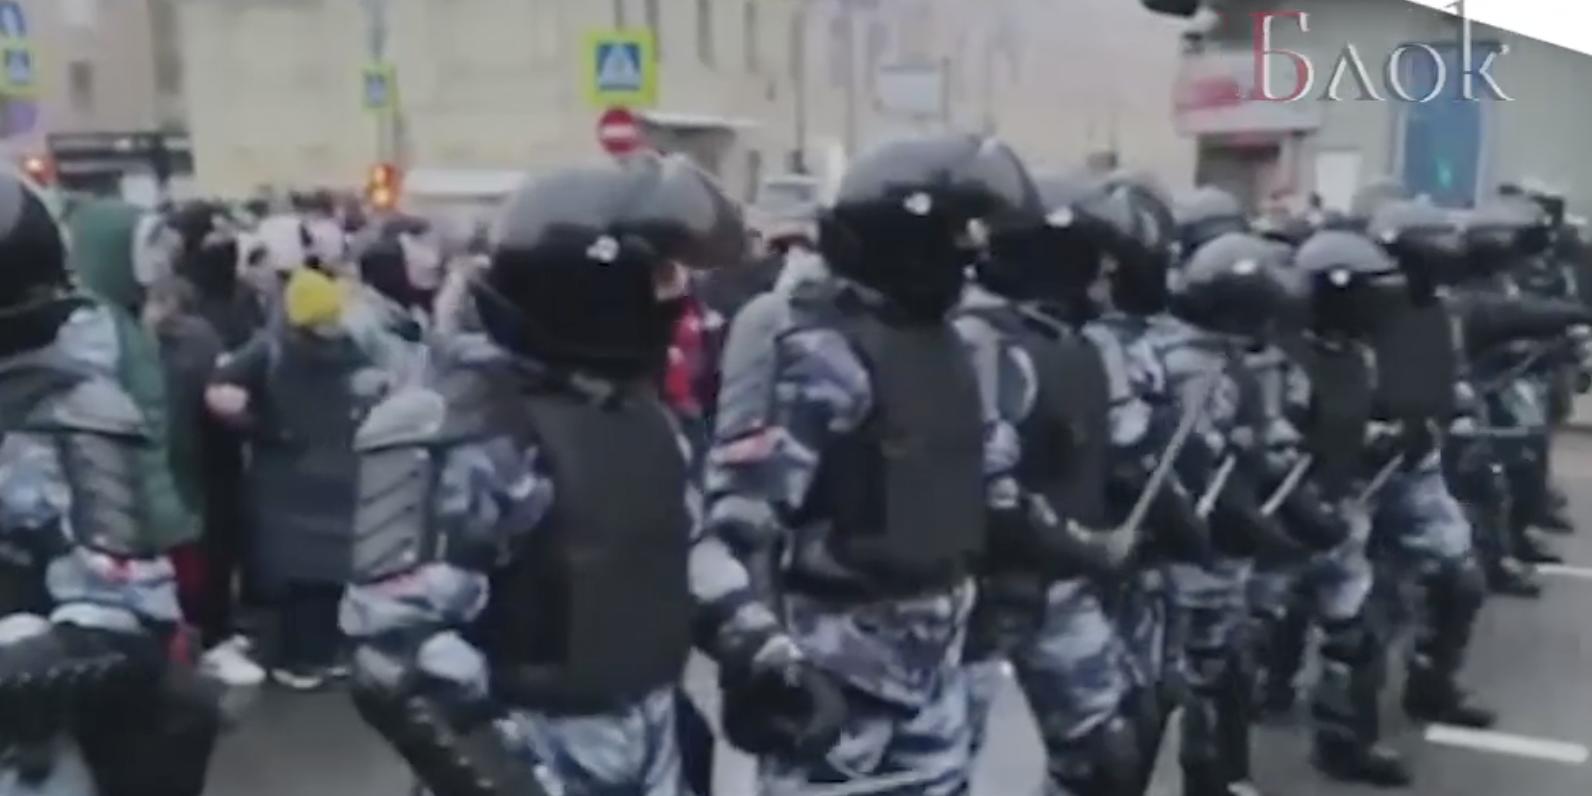 """""""Бес попутал"""": опубликовано видео с извинениями сторонников Навального за нападения и оскорбления в адрес полицейских"""